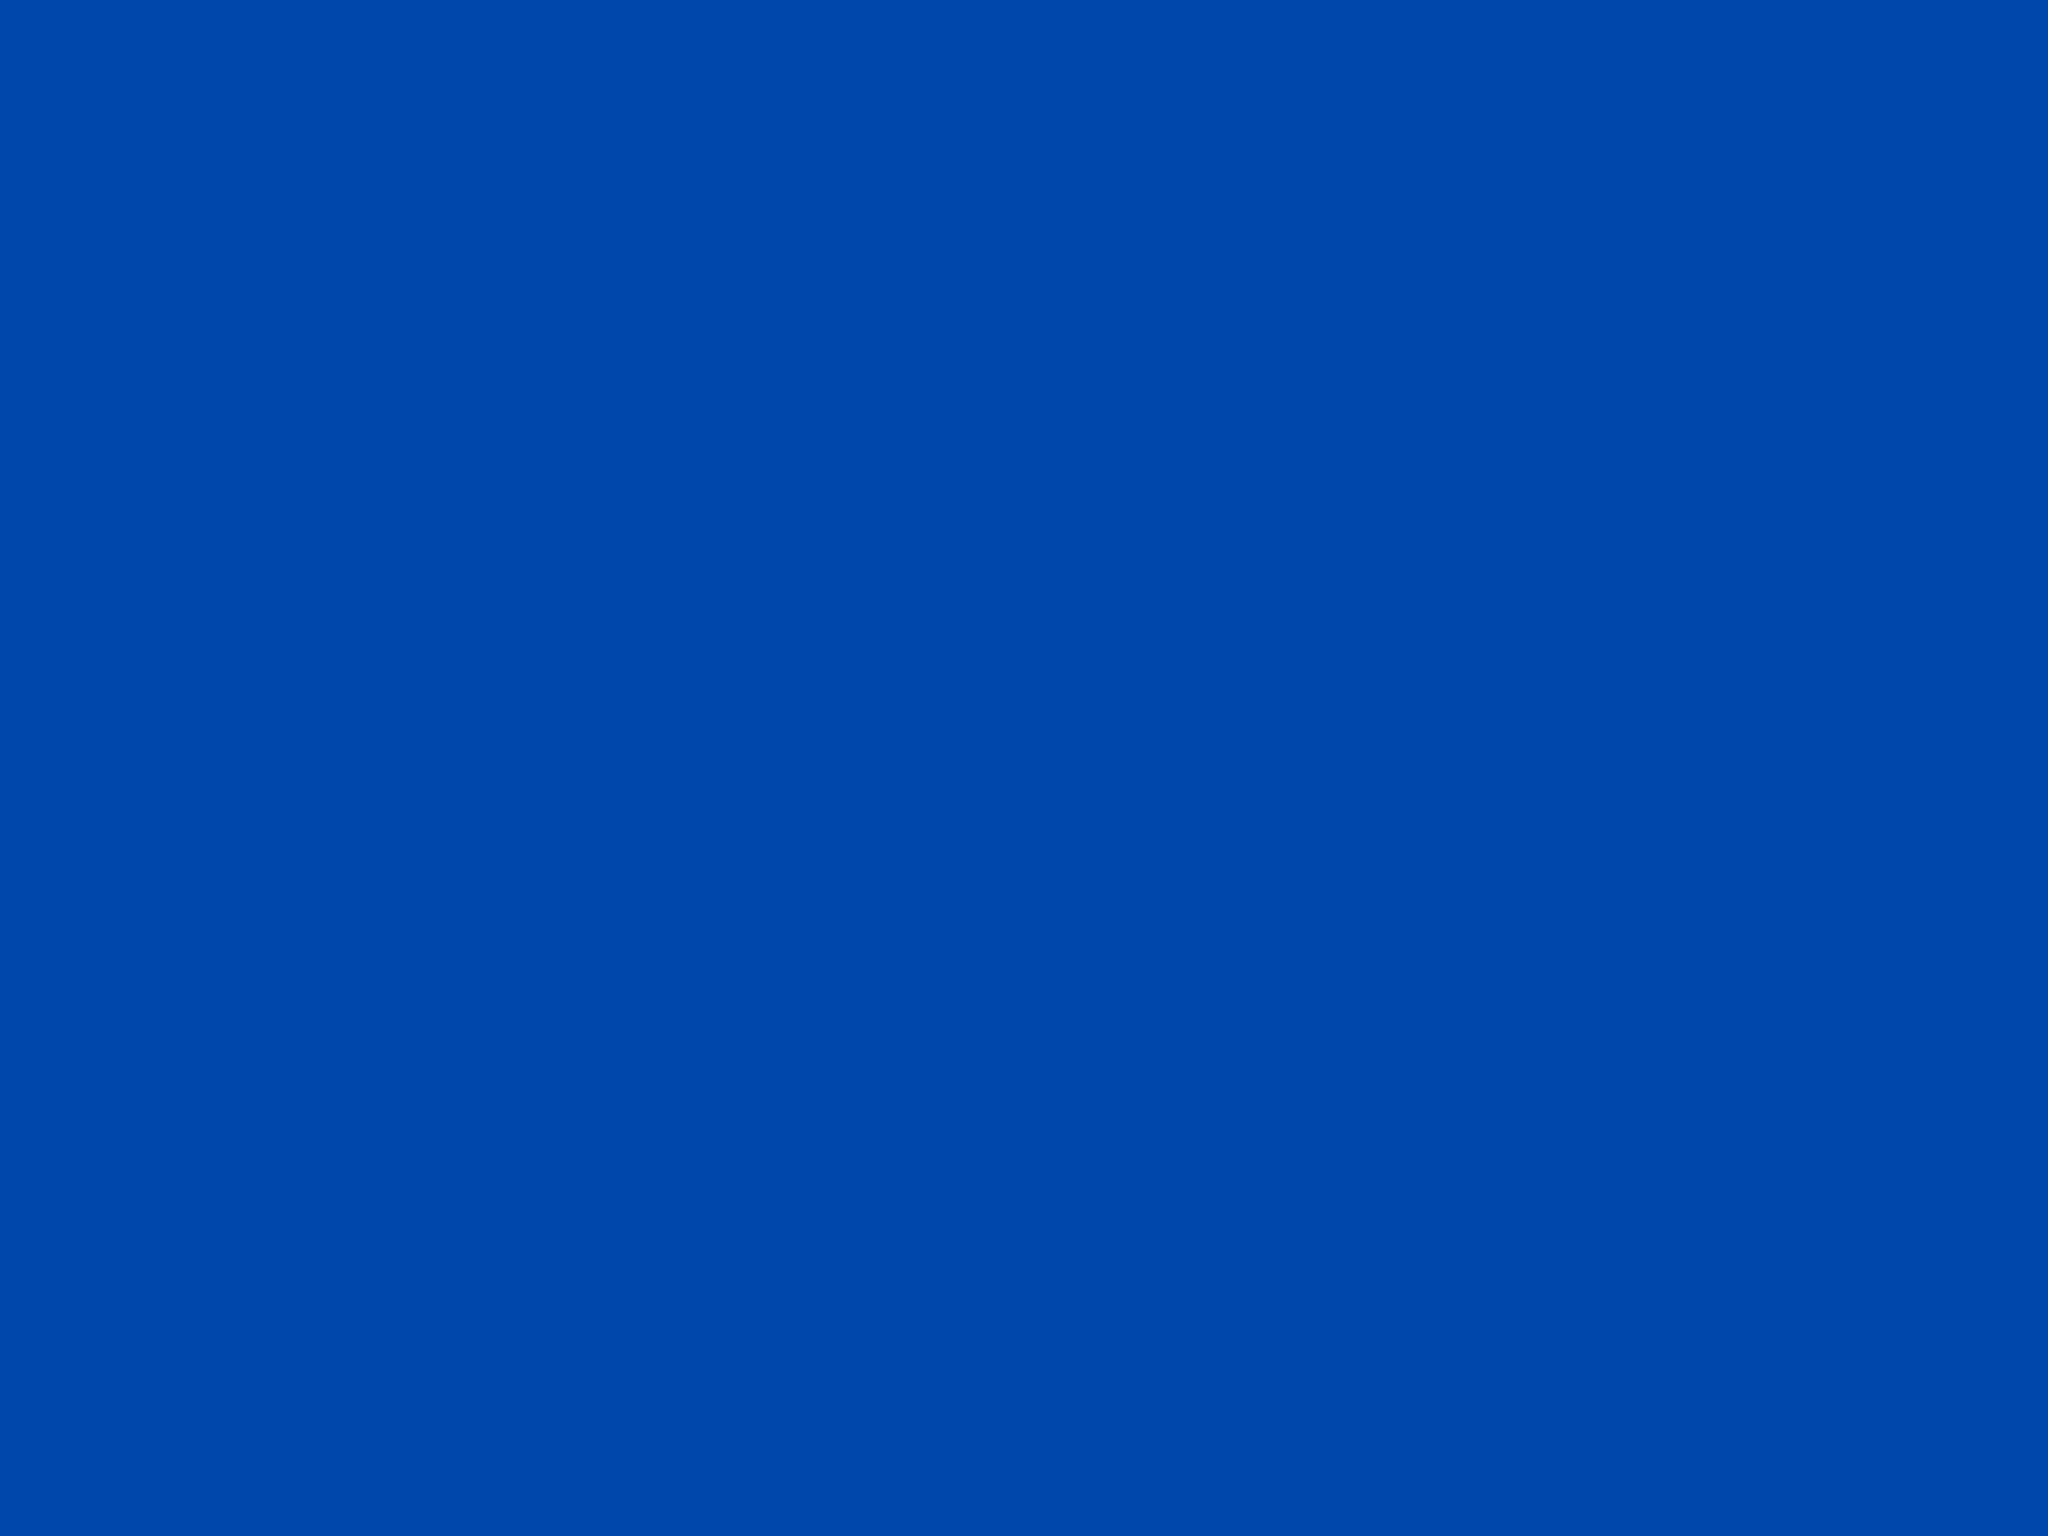 2048x1536 Cobalt Solid Color Background